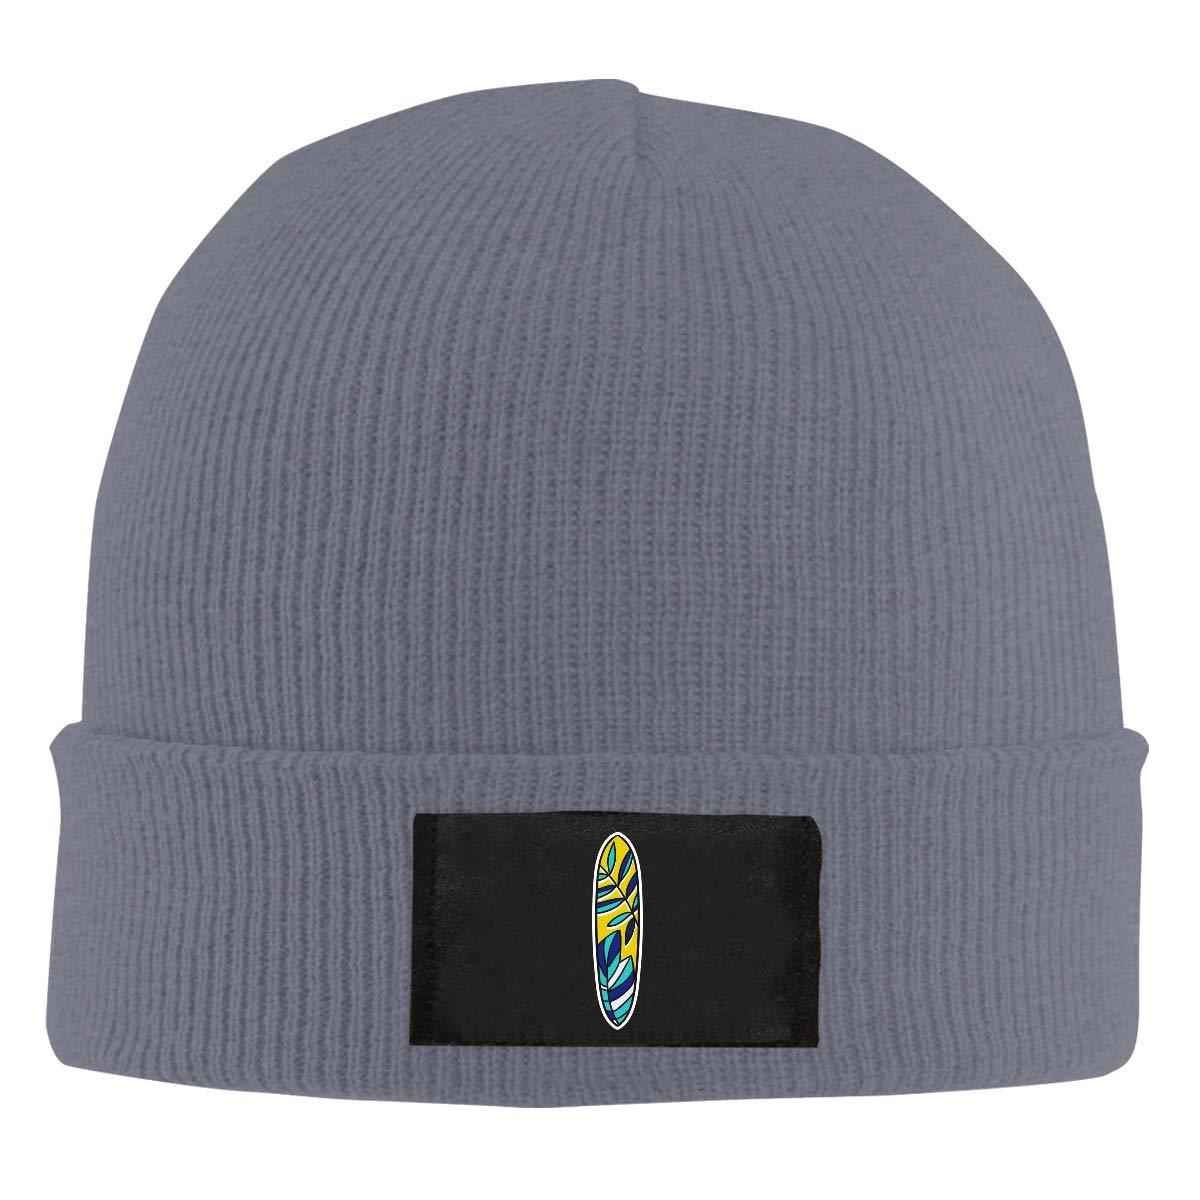 LRHUI Skateboard Winter Knitted Hat Warm Wool Skull Beanie Cap